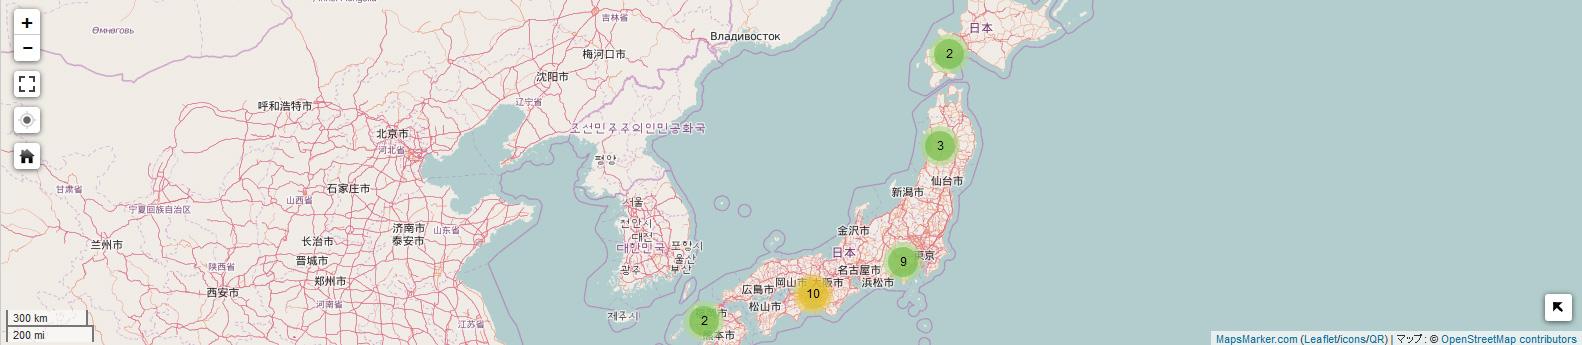 main-googlemap